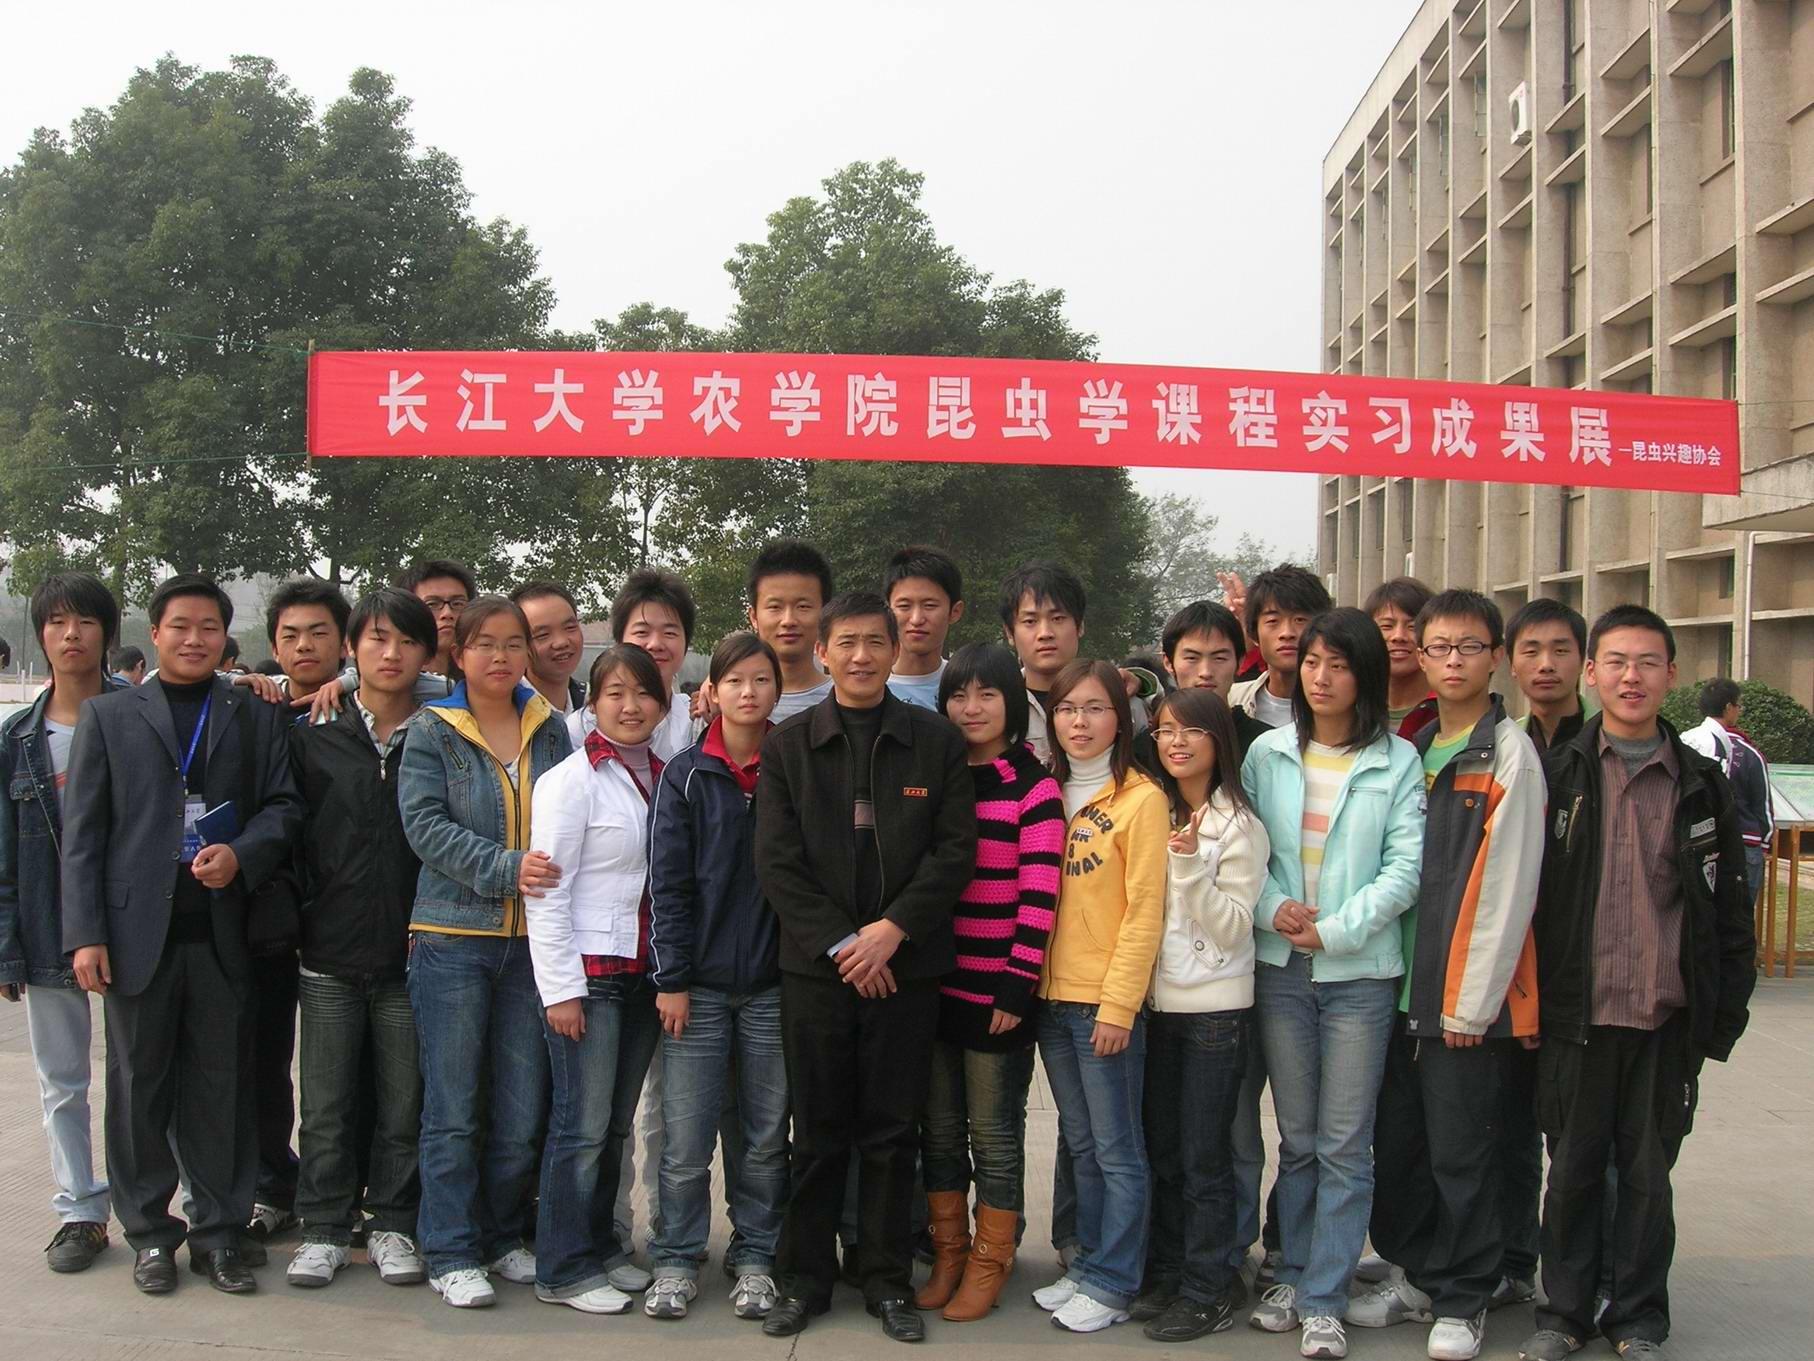 长江大学农学院的师资队伍